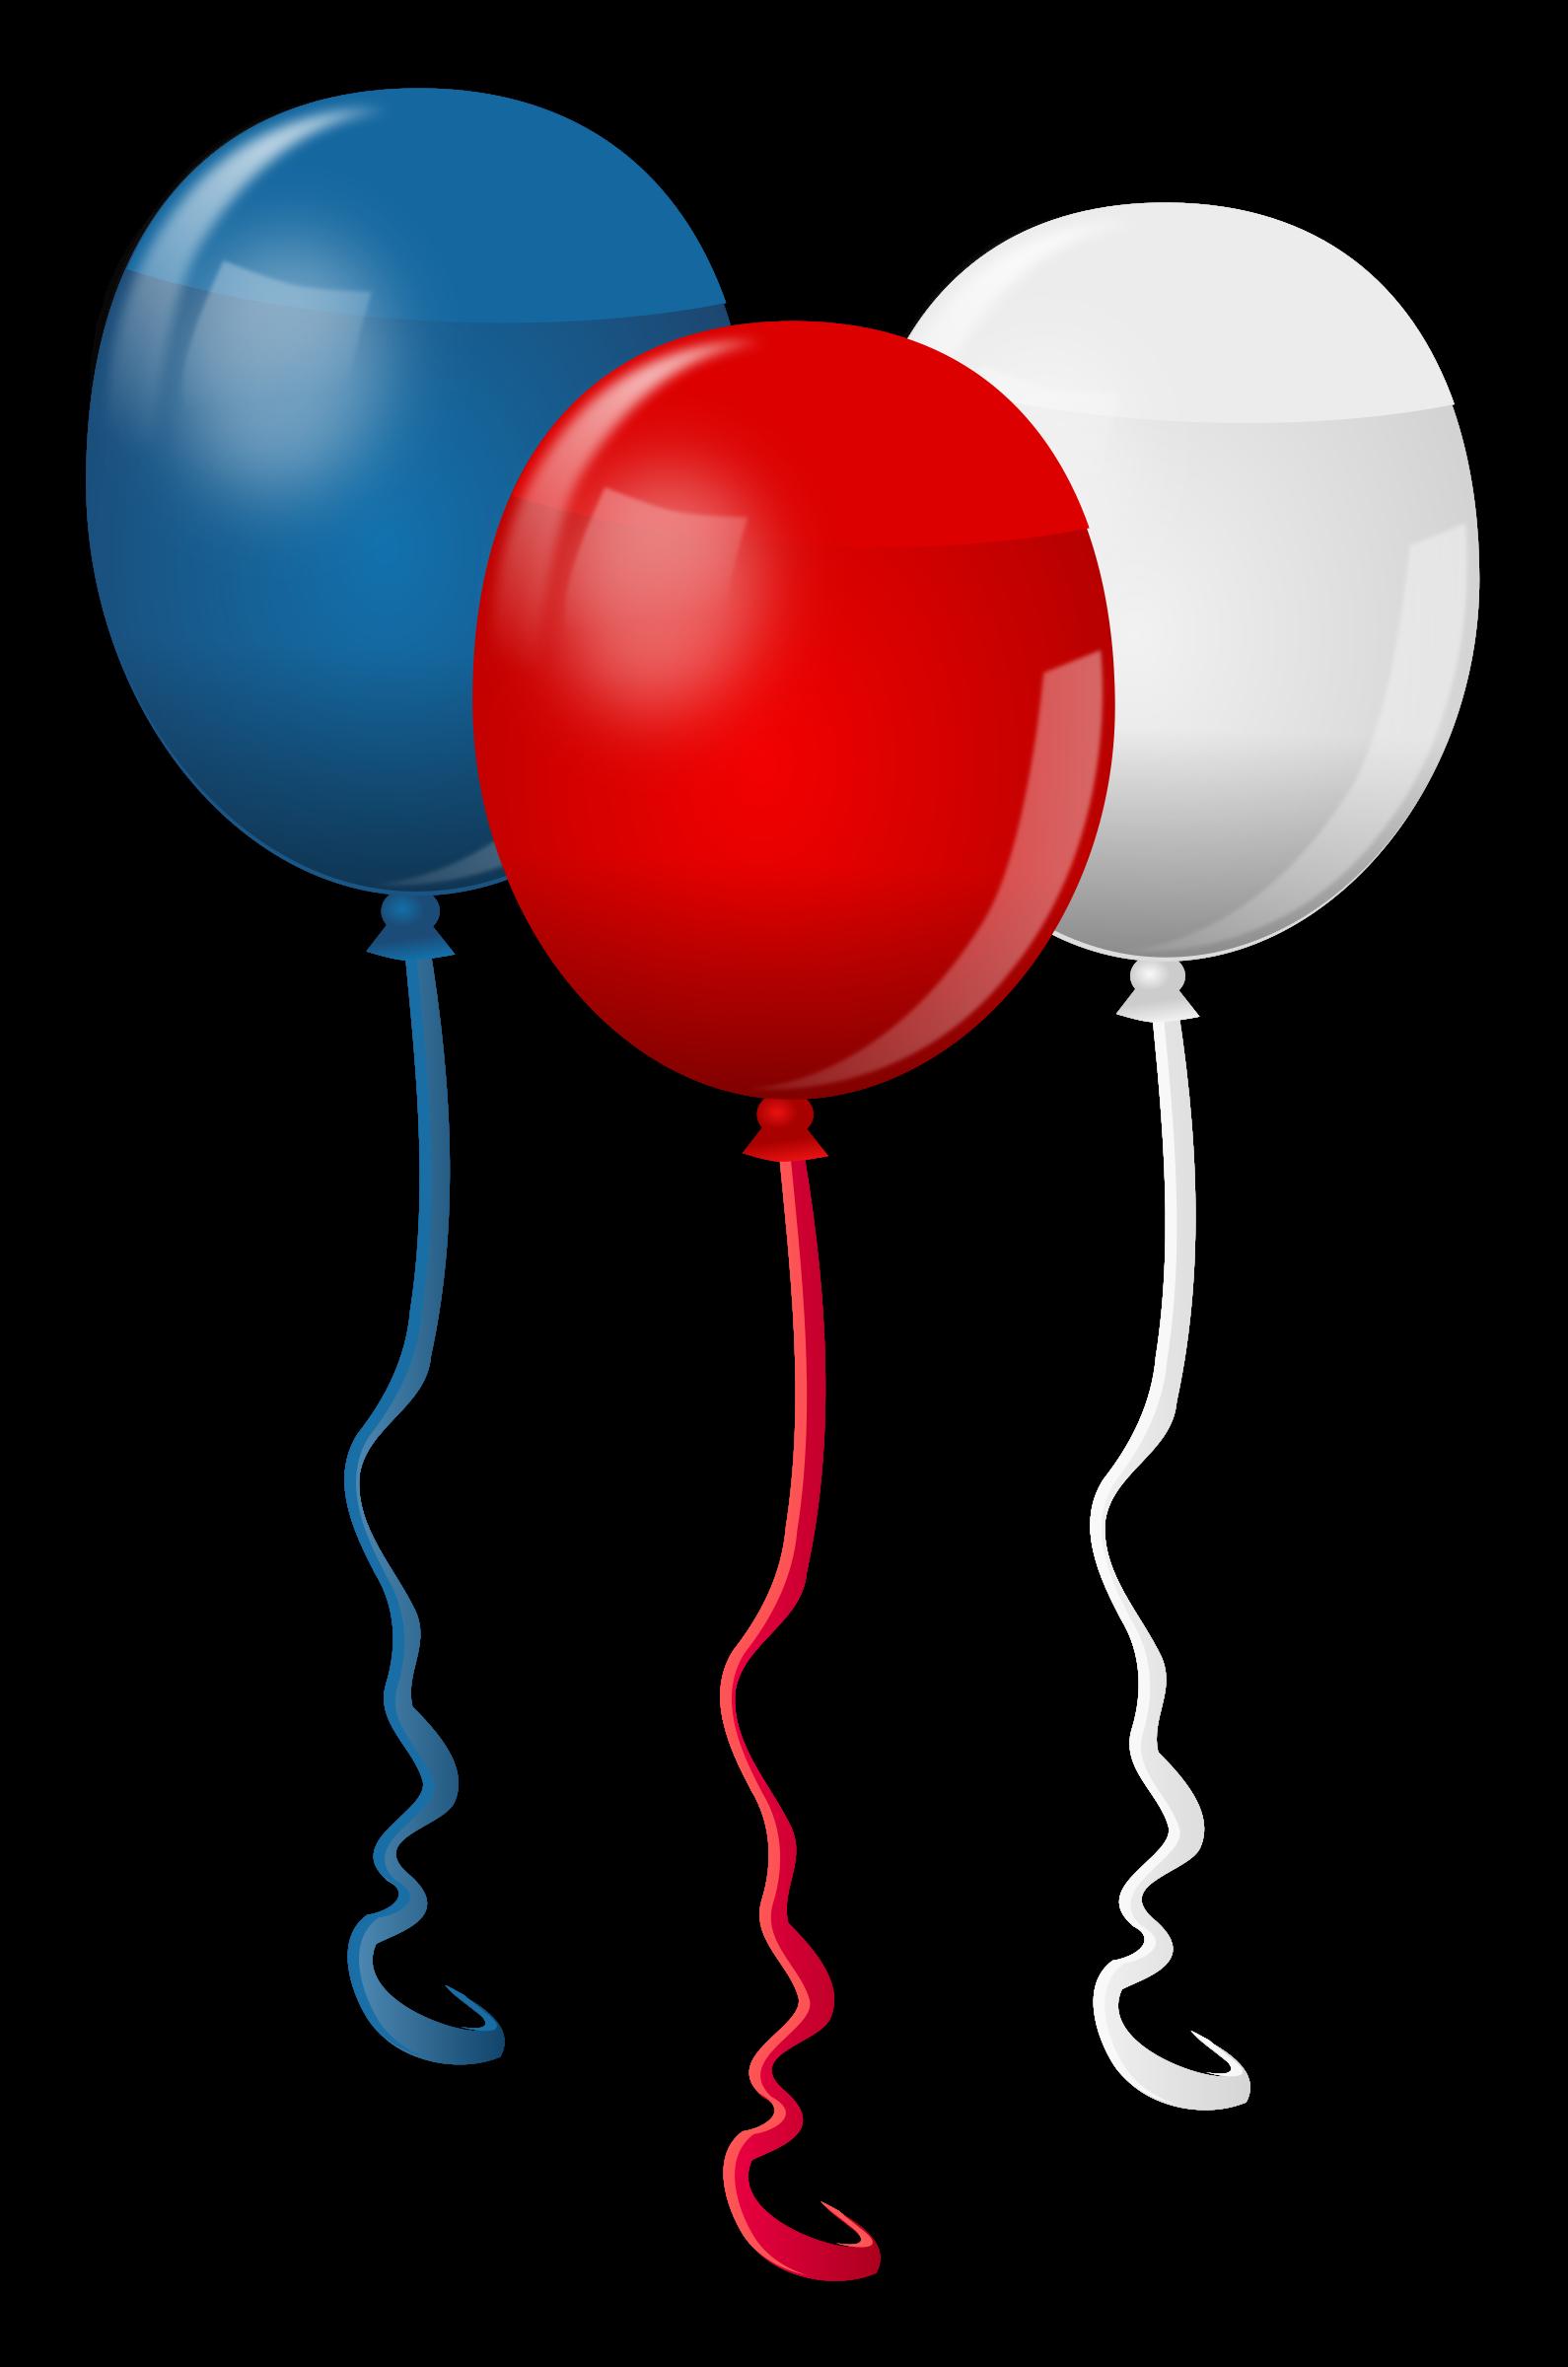 Patriotic 4th july